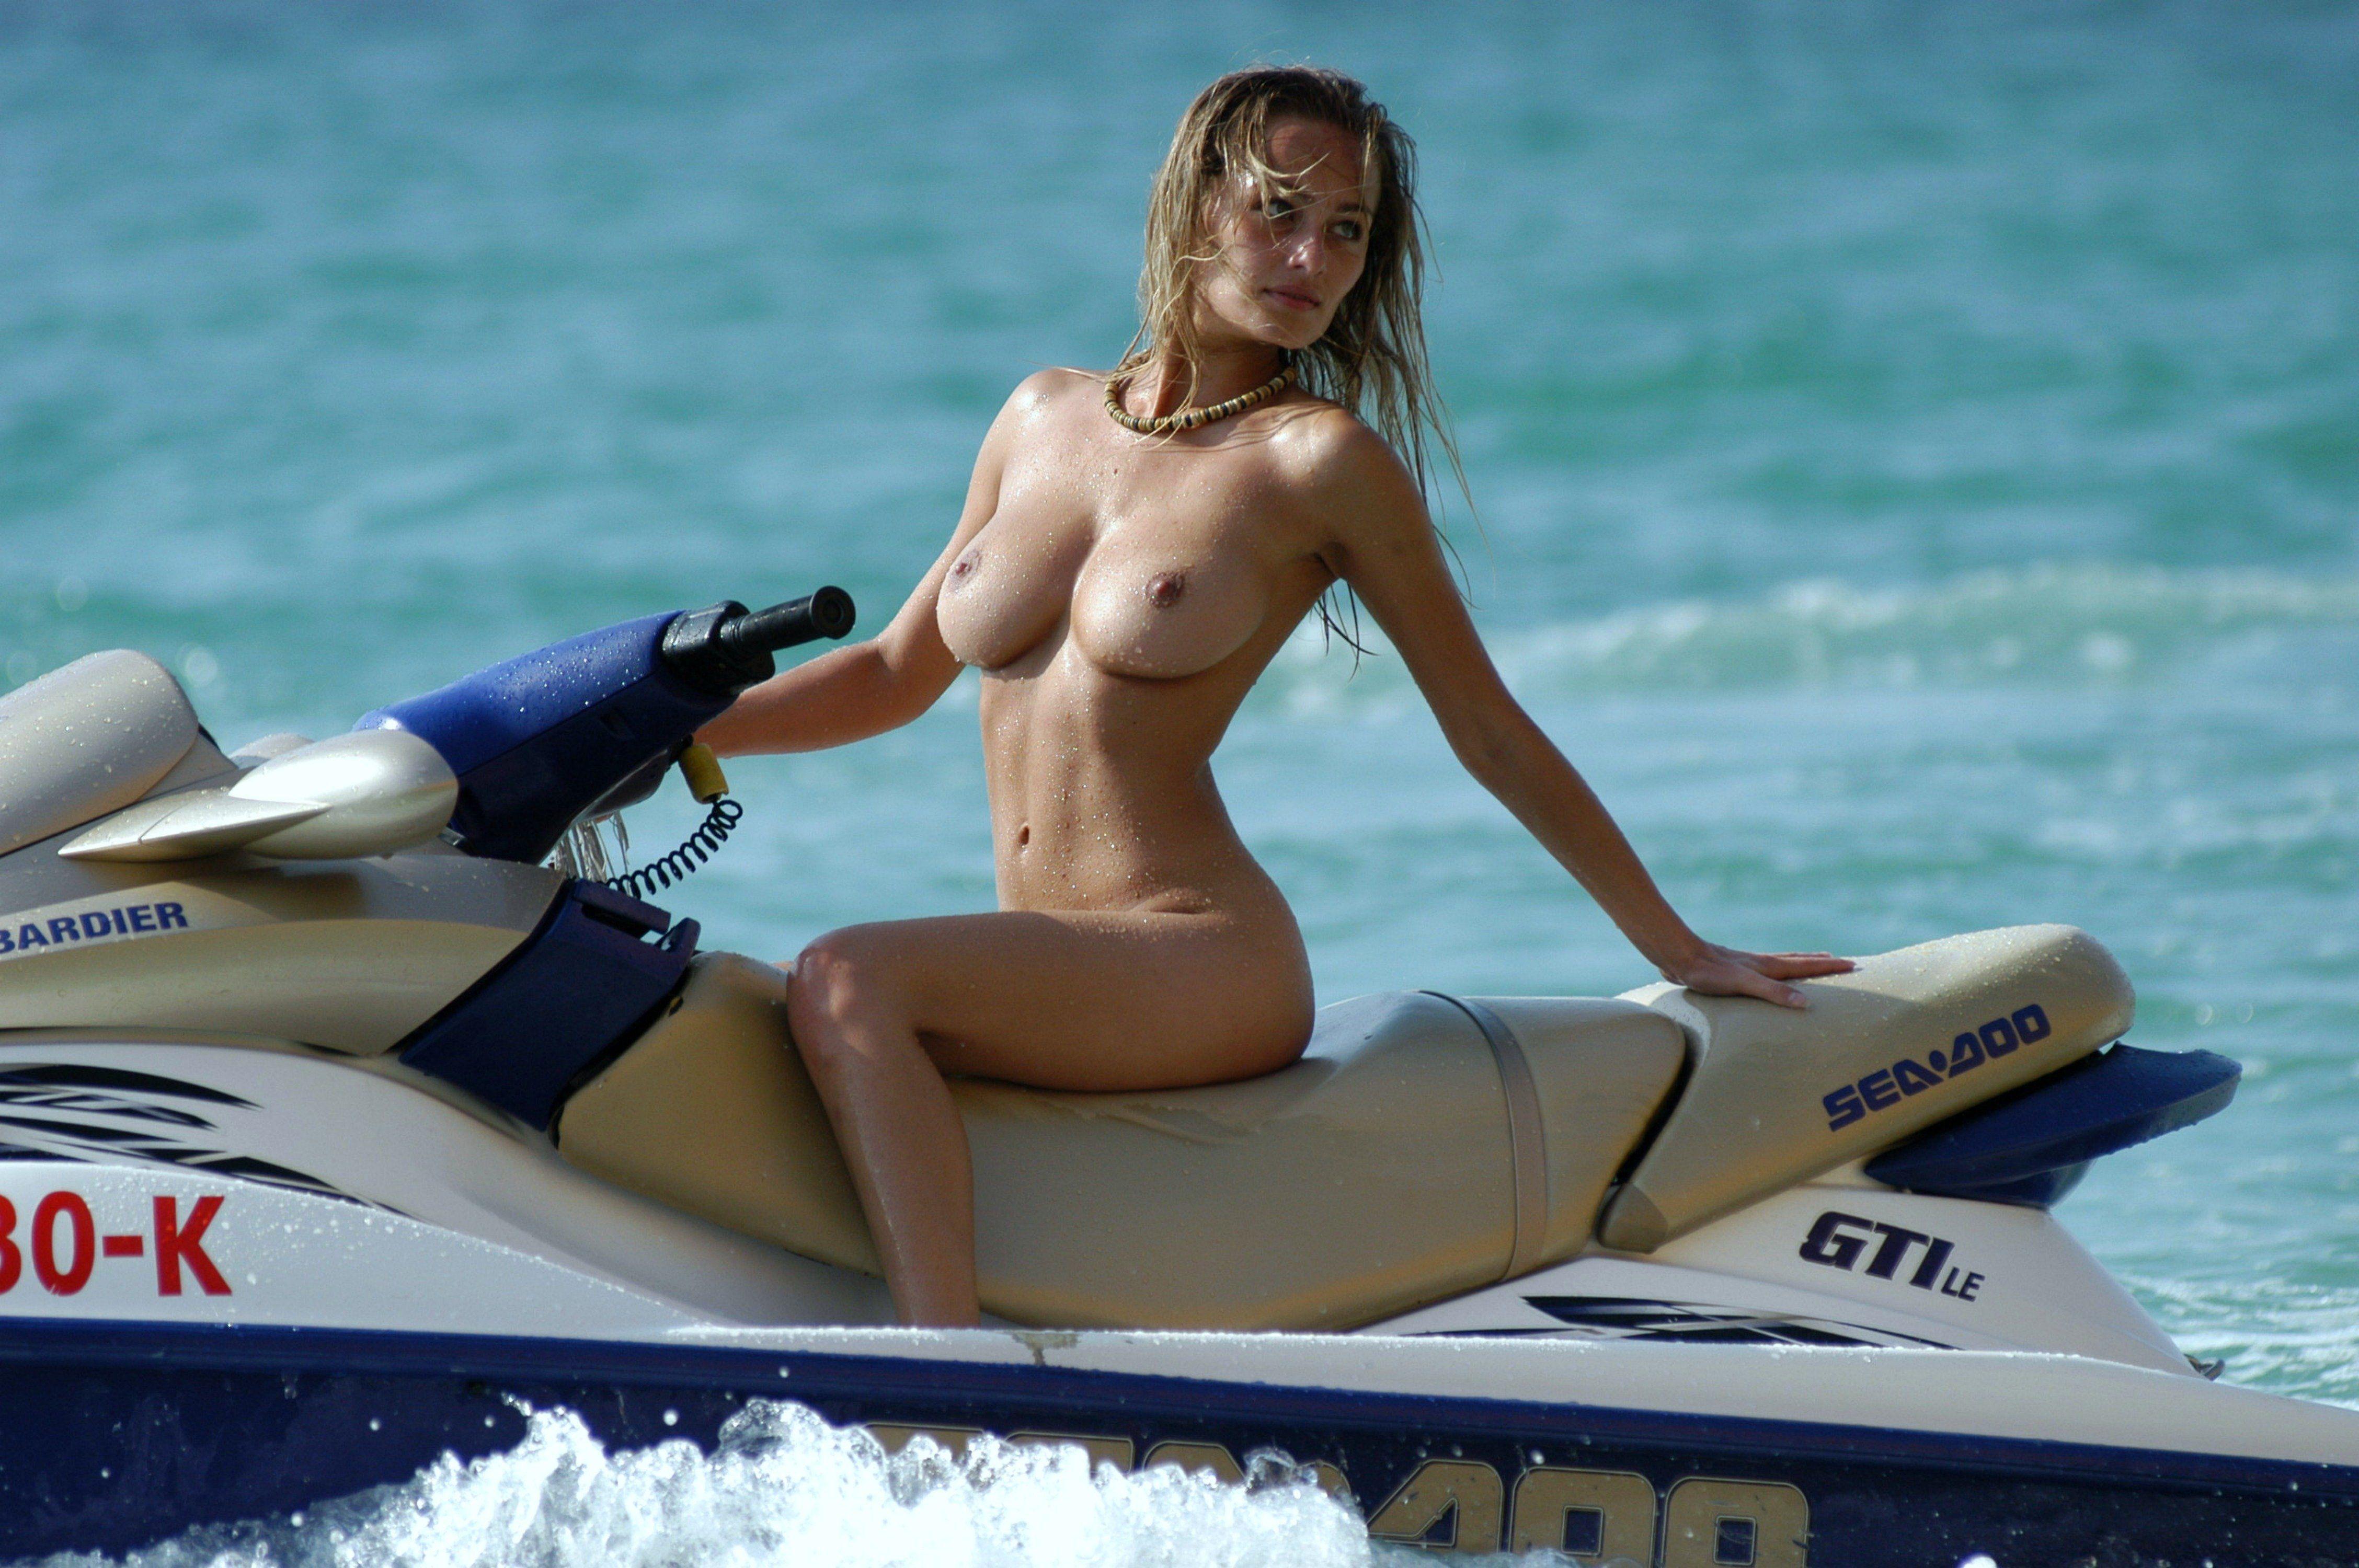 Skiing naked women nude